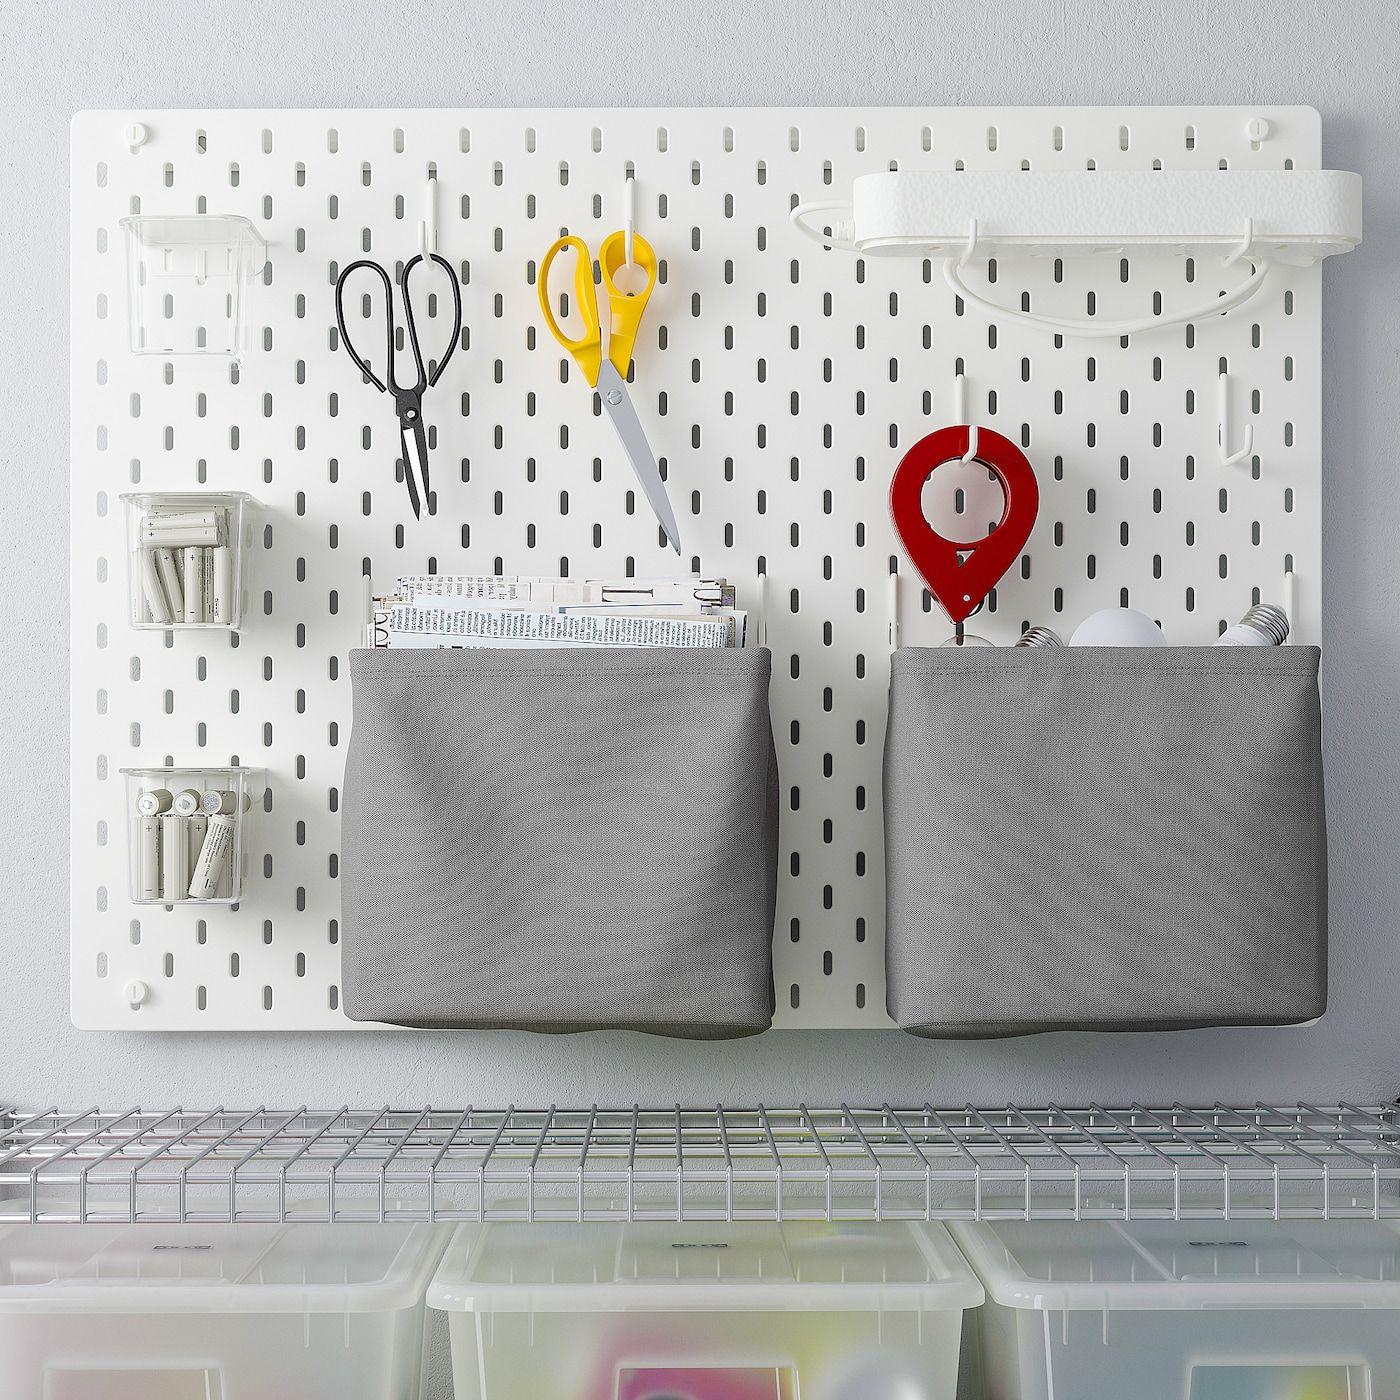 Skadis Lochplatte Kombination Weiss Ikea Osterreich In 2020 Pegboard Accessories Peg Board Ikea